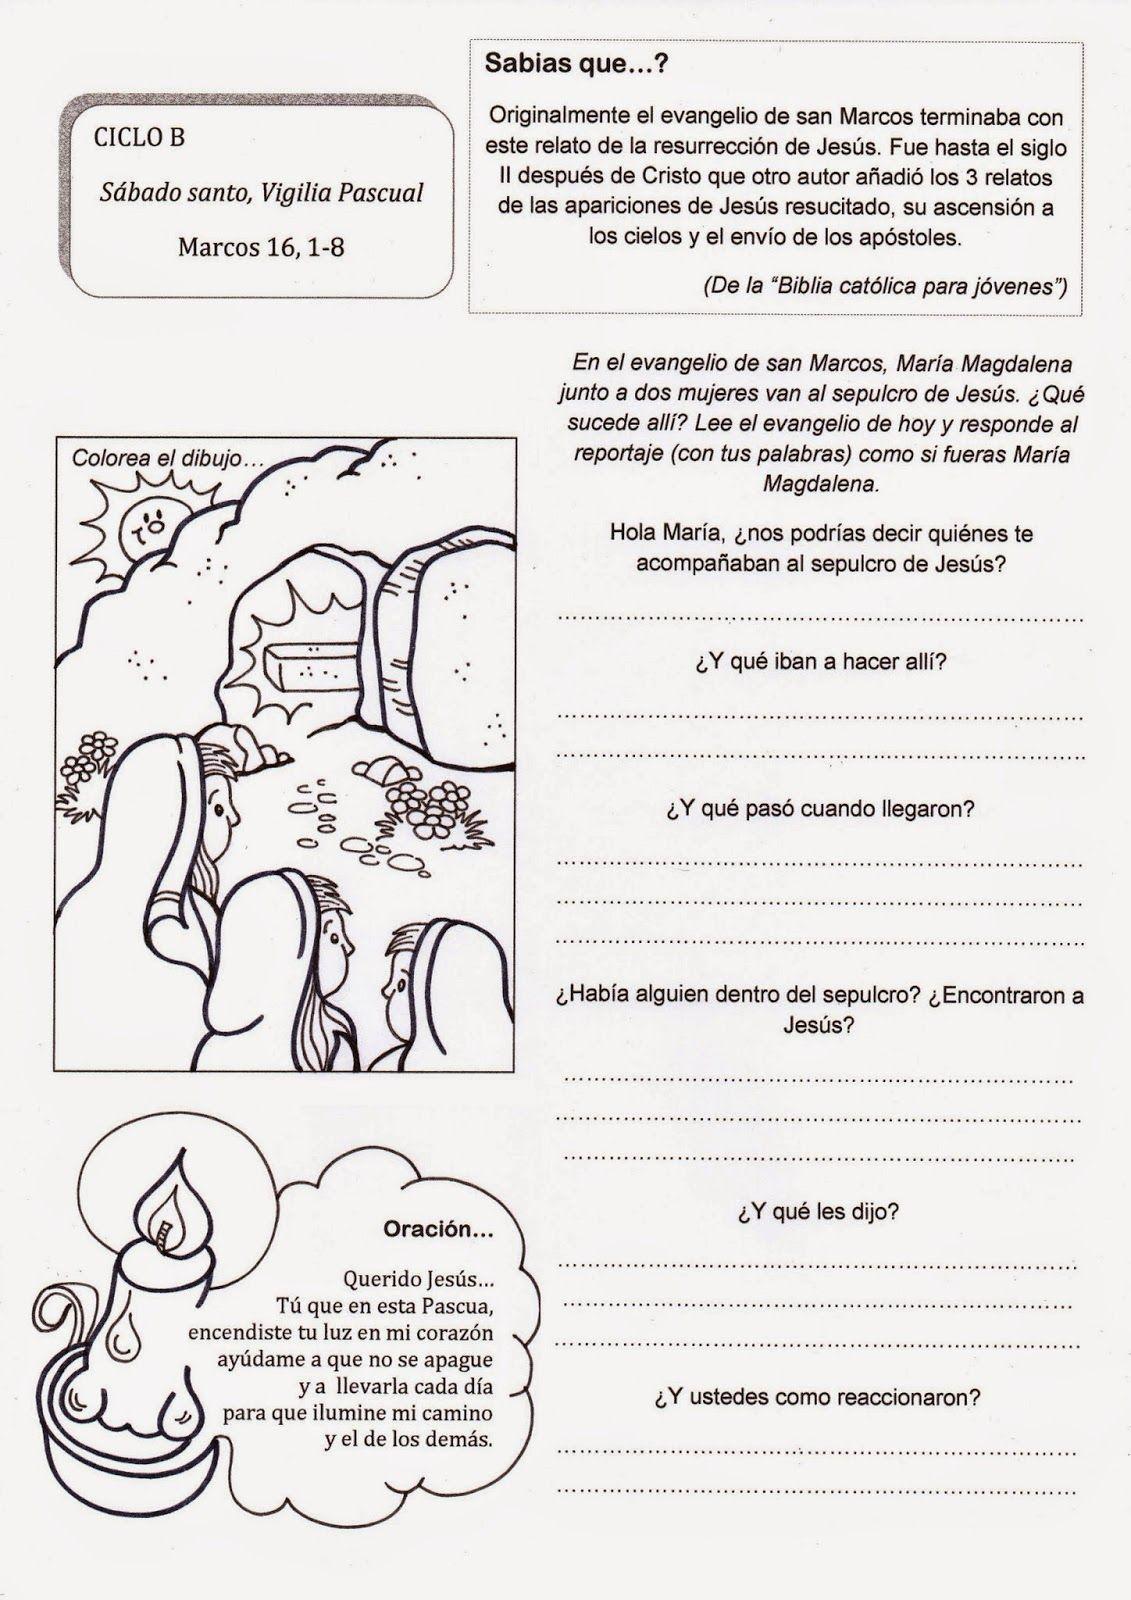 Sábado Santo Vigilia Pascual Ciclo B Temas De Catequesis Catequesis Manualidades De Iglesia Para Niños